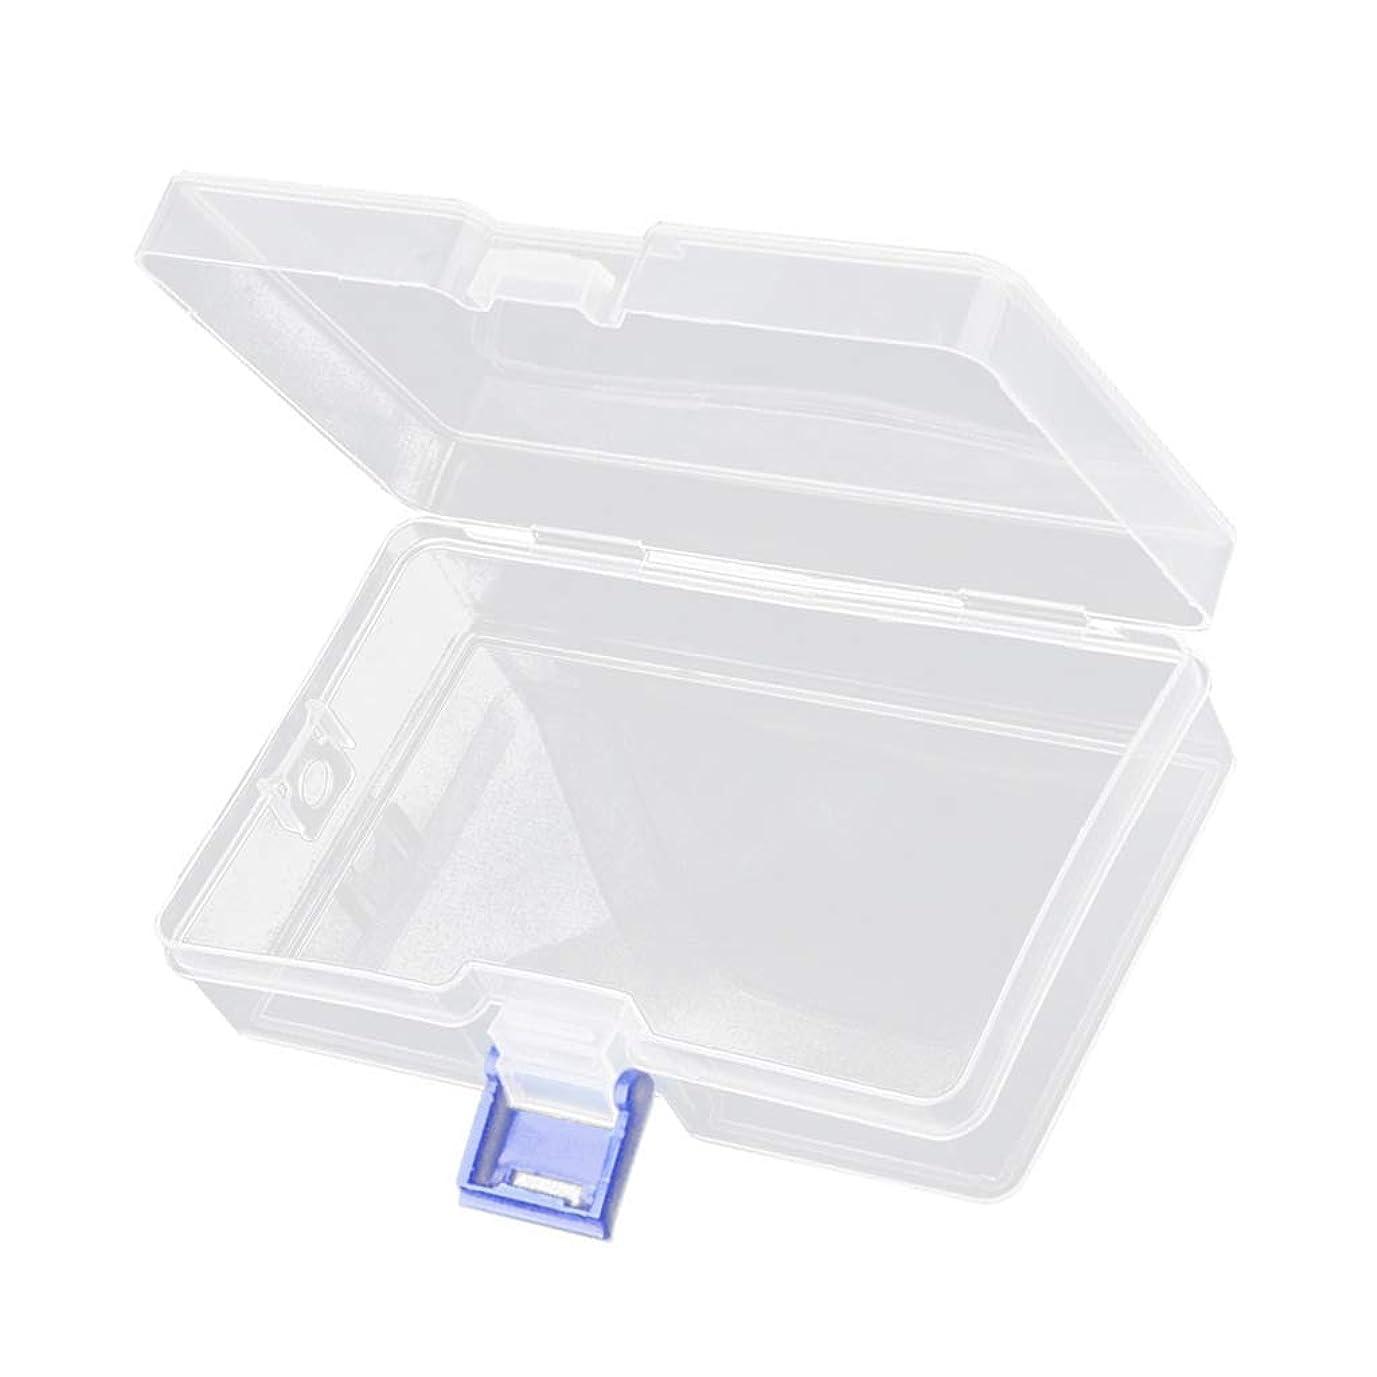 六月確認するテメリティT TOOYFUL ネイルアート用品ボックス収納容器ジュエリービーズ化粧品ケースオーガナイザー、14.5 X 8.5 X 3.5 Cm